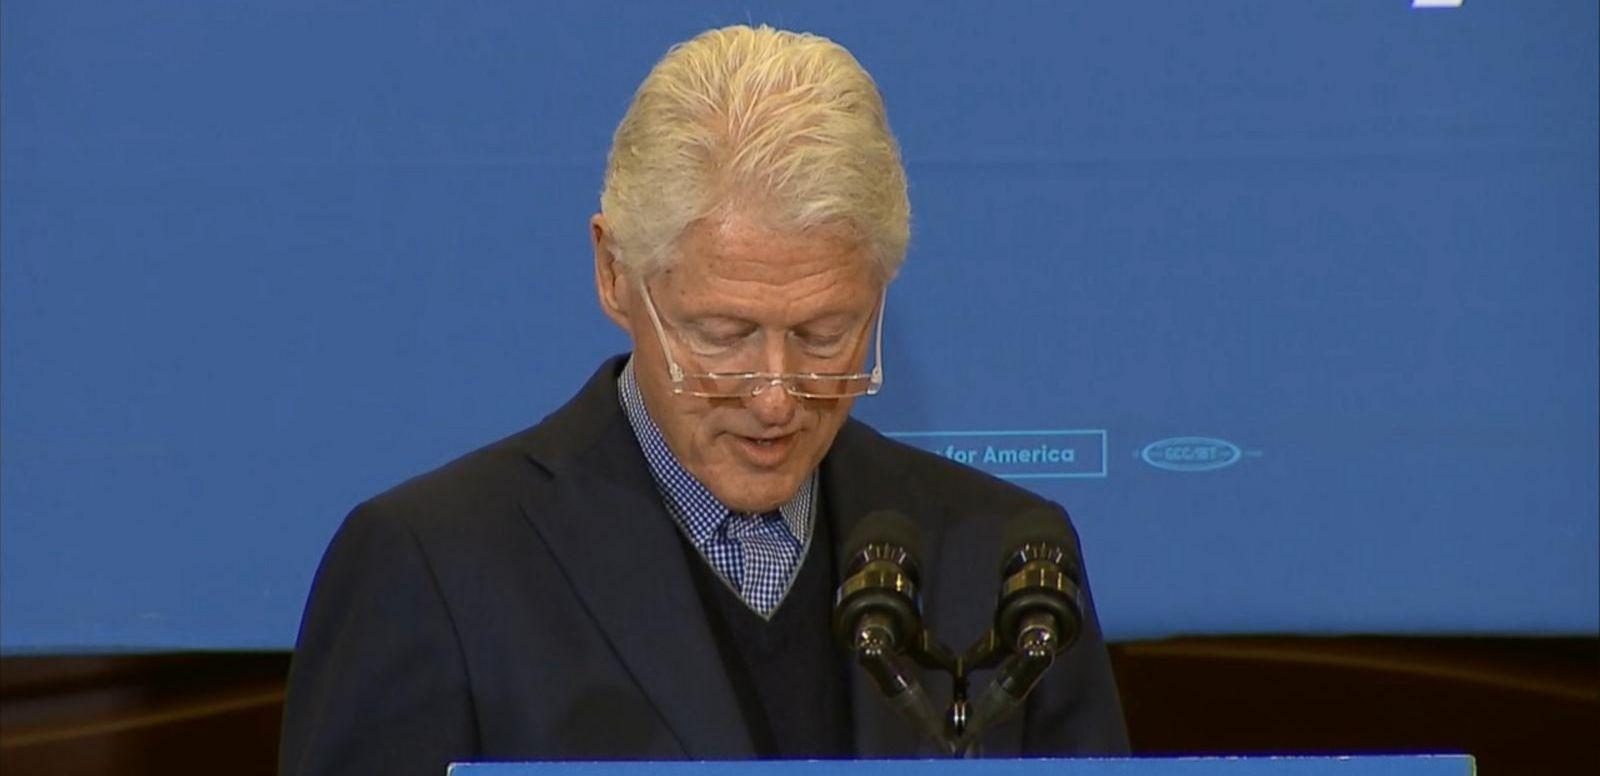 VIDEO: Phone Call From Hillary Interrupts Bill Clintons Speech